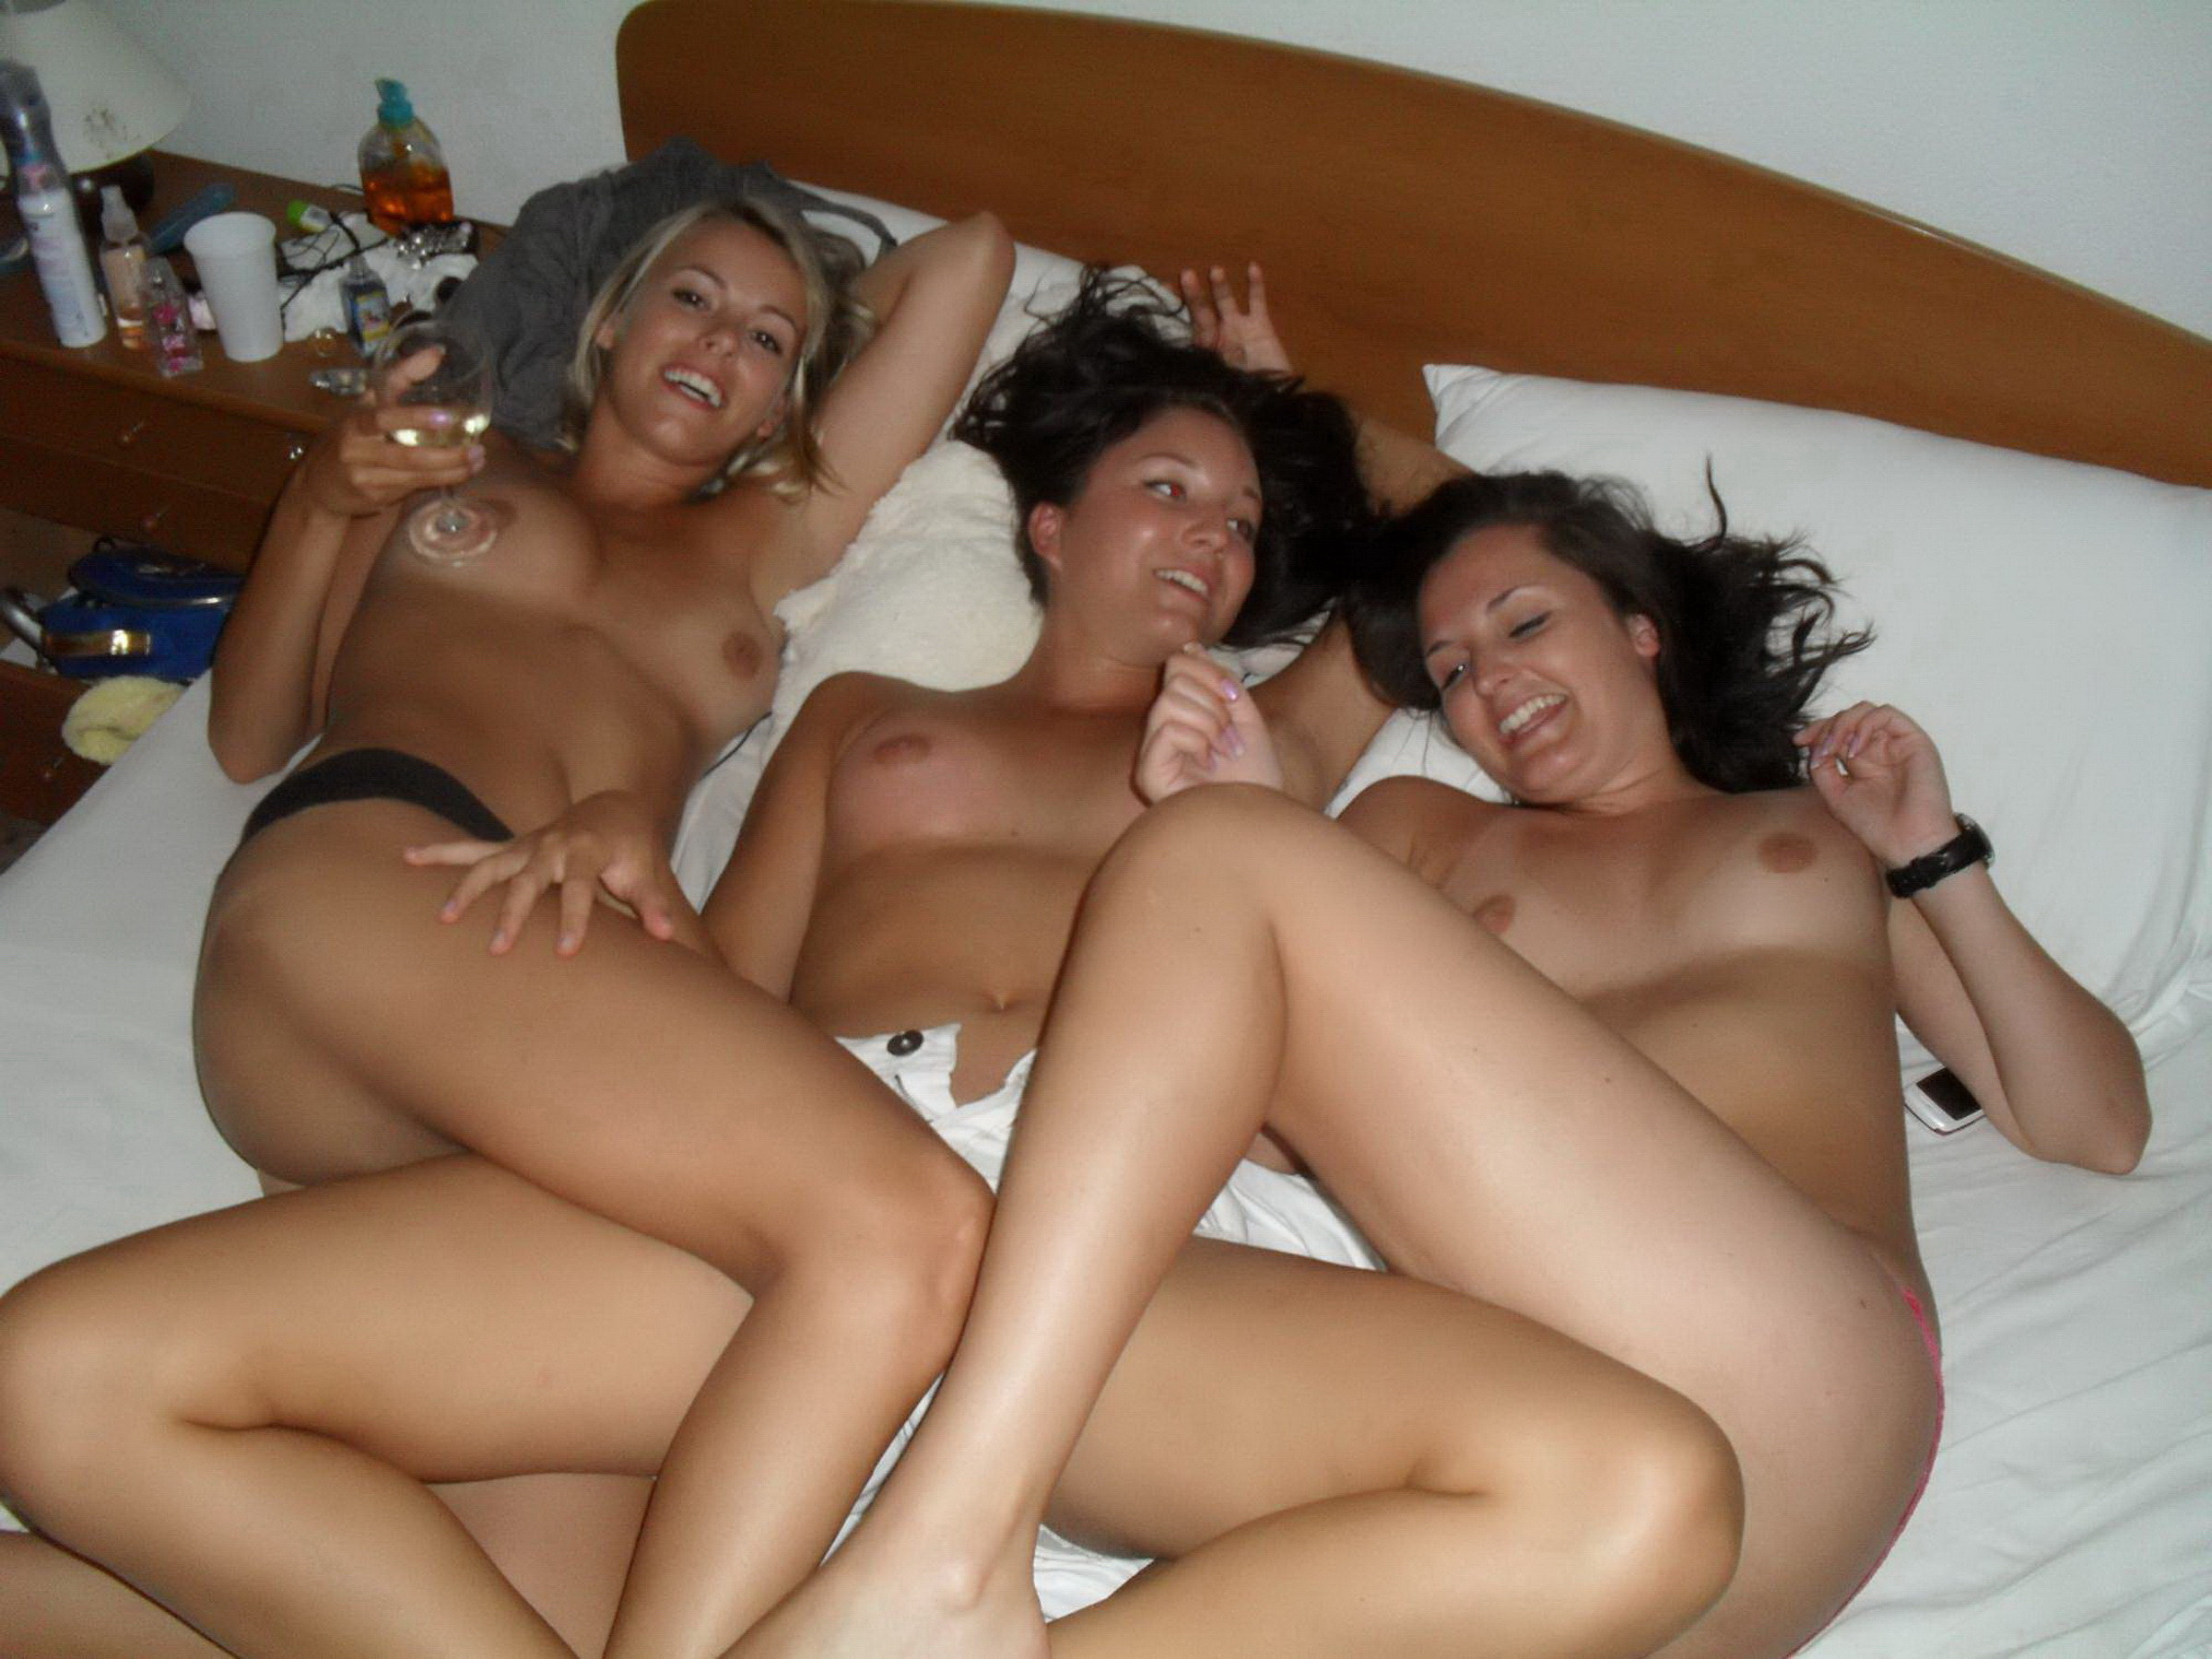 Лесбиянки избавились от вещей и приступили к куни 8 фото